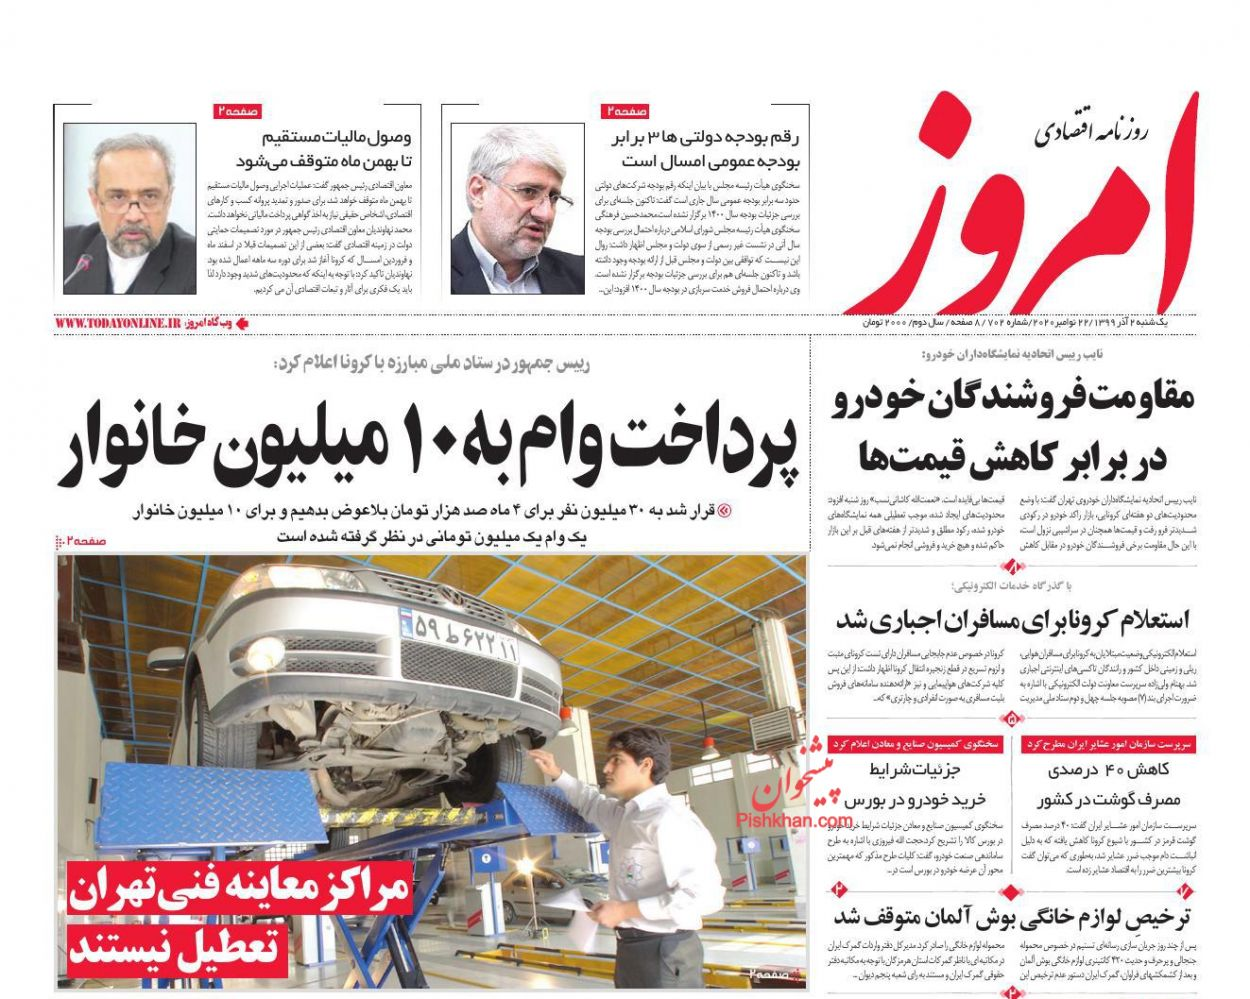 عناوین اخبار روزنامه امروز در روز یکشنبه ۲ آذر